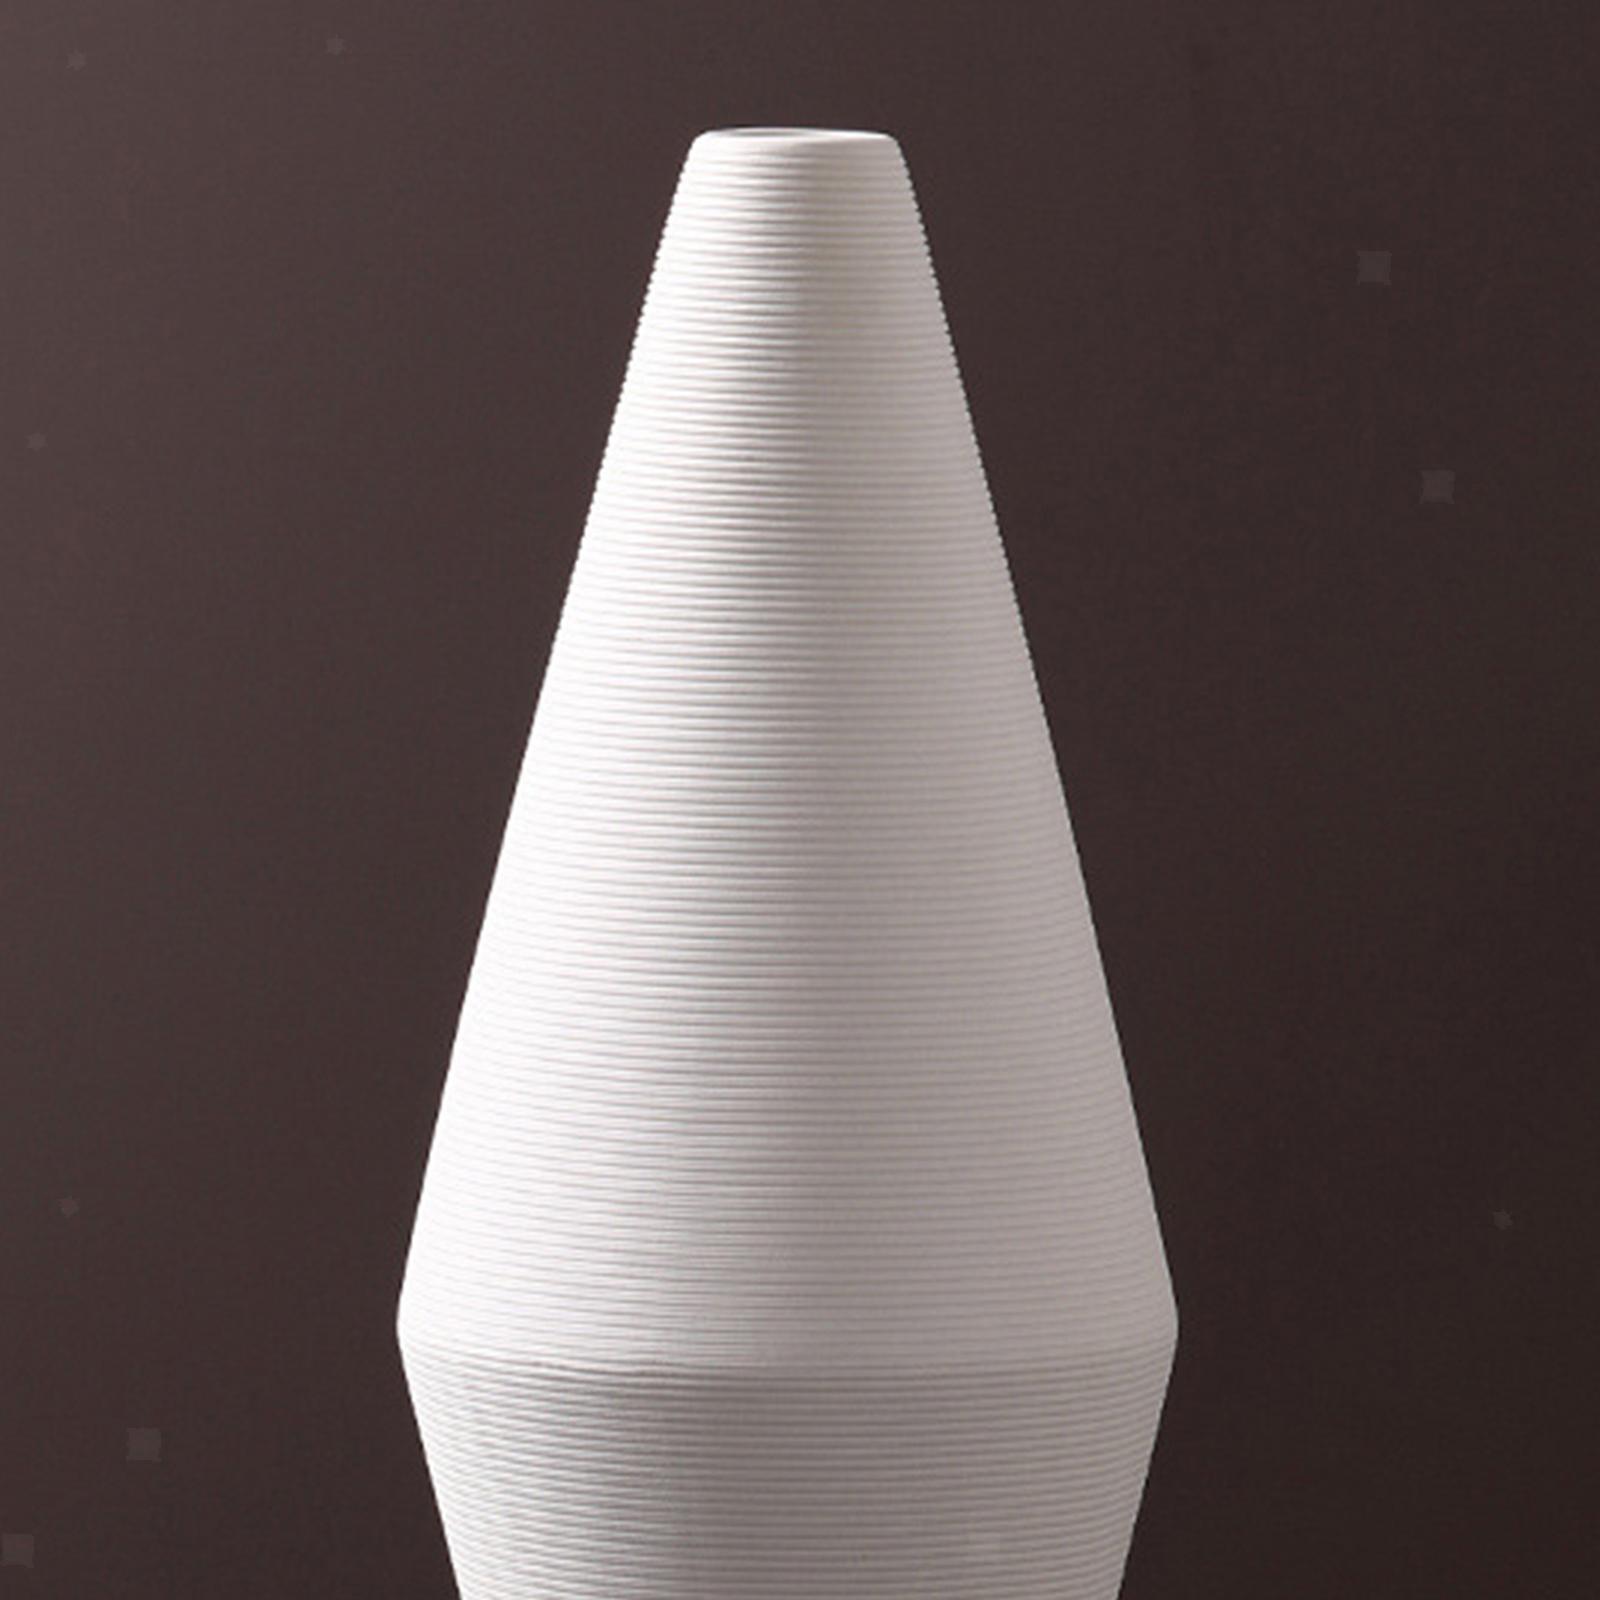 Indexbild 16 - Keramik Blumenvase Blumentöpfe Arrangements Schlafzimmer Yoga Studio Dekor